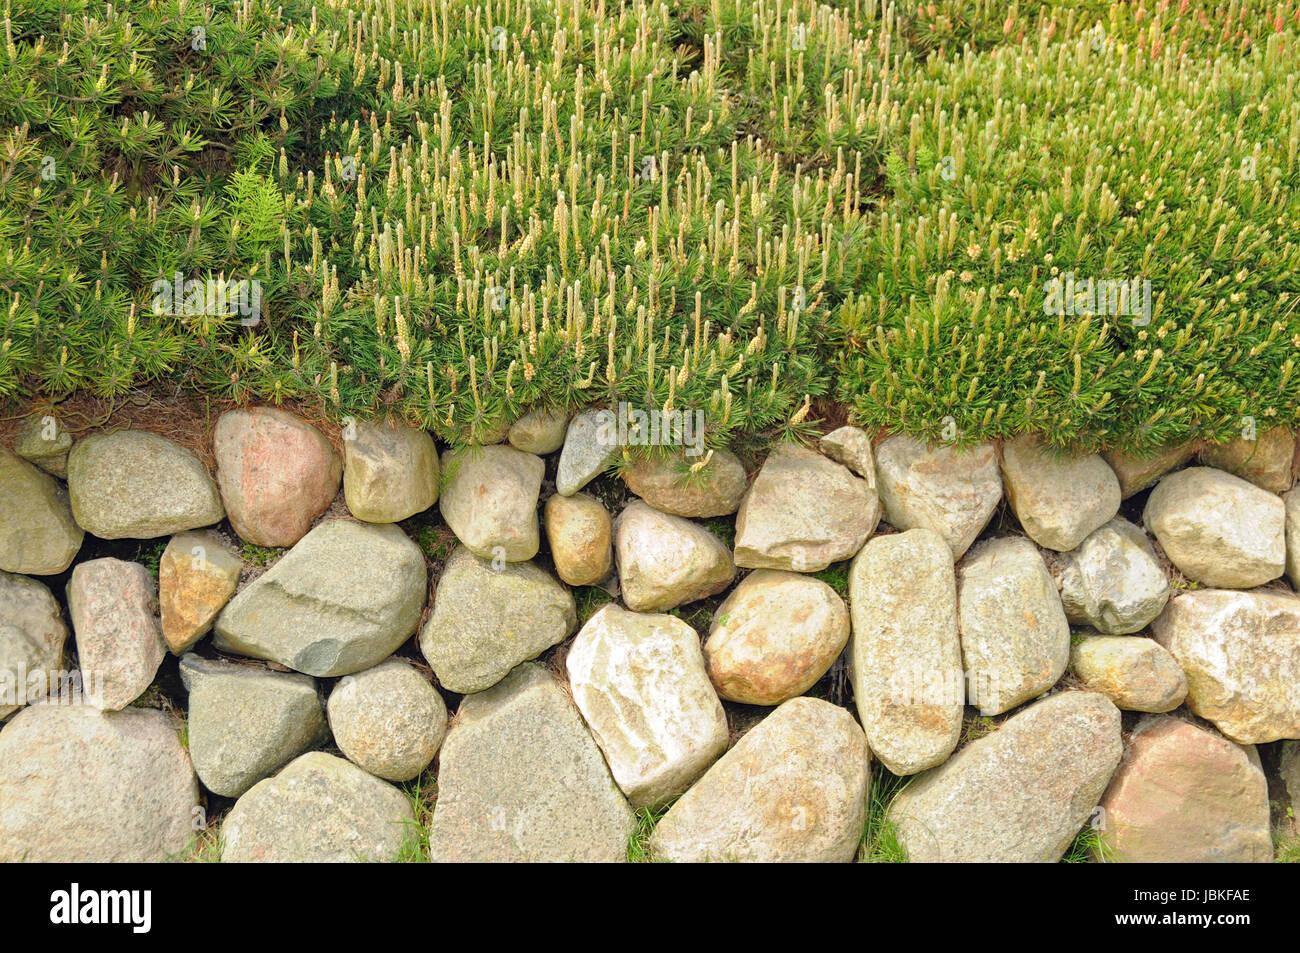 friesenwall stockfoto, bild: 144873302 - alamy